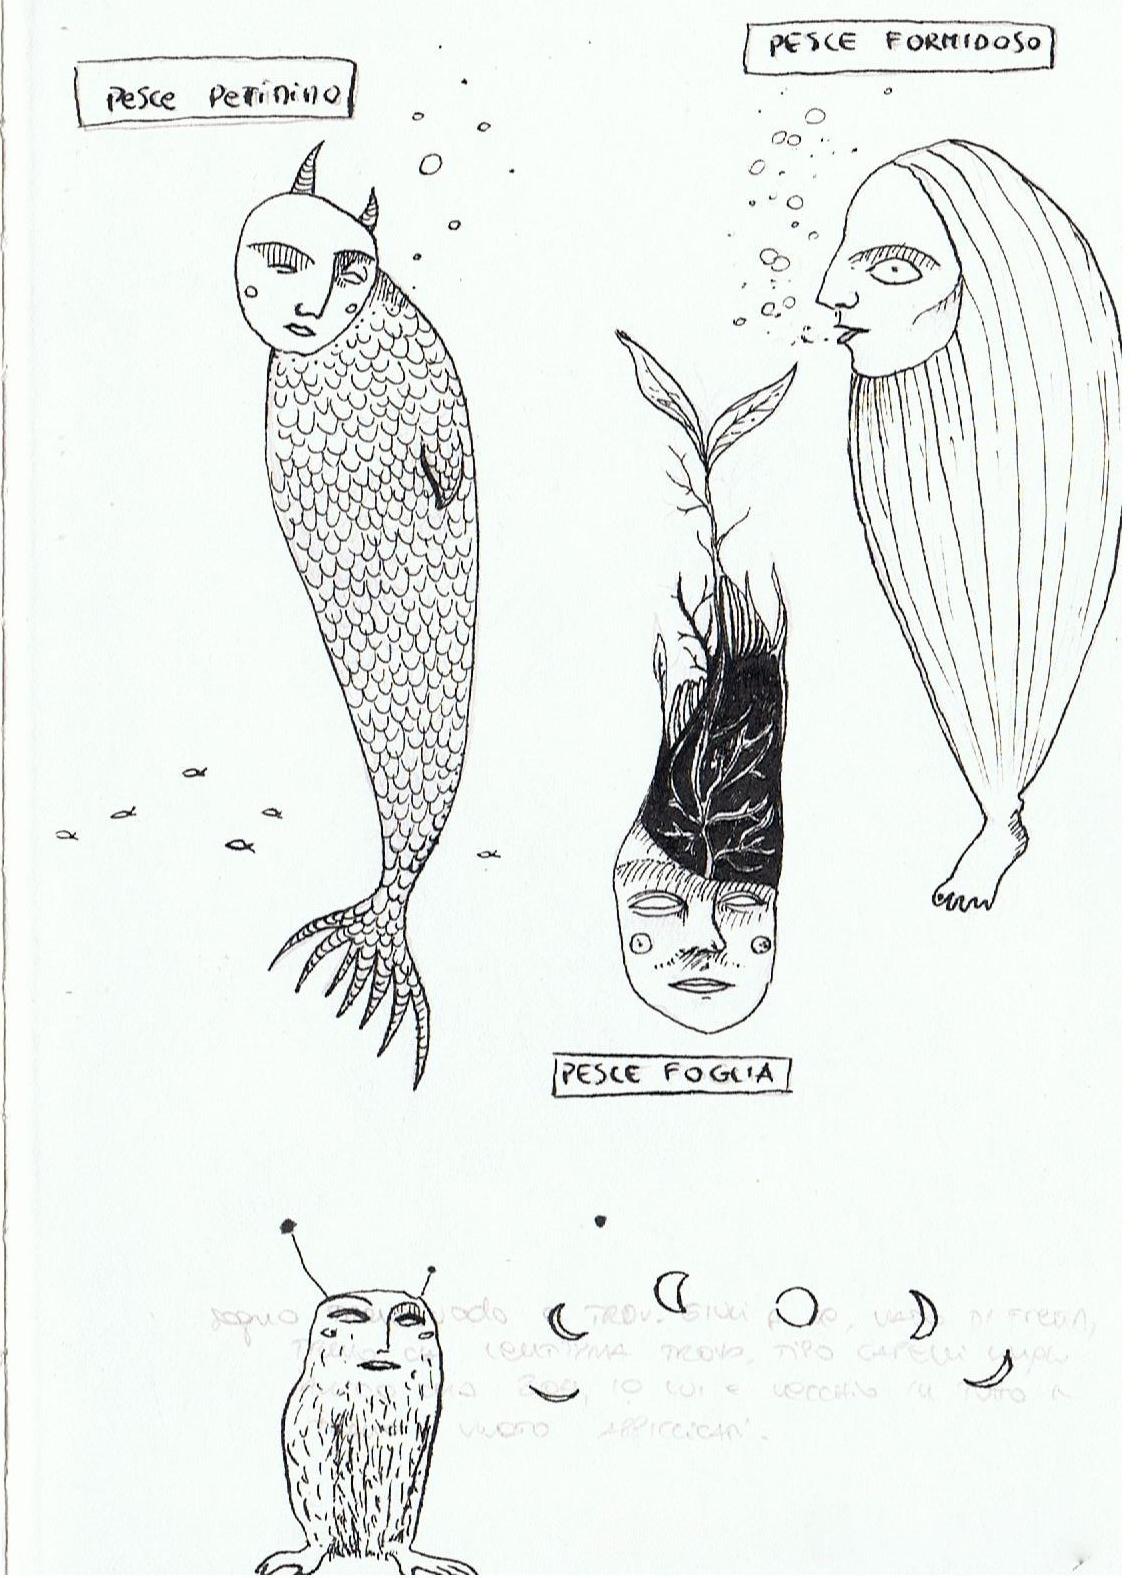 fisholini